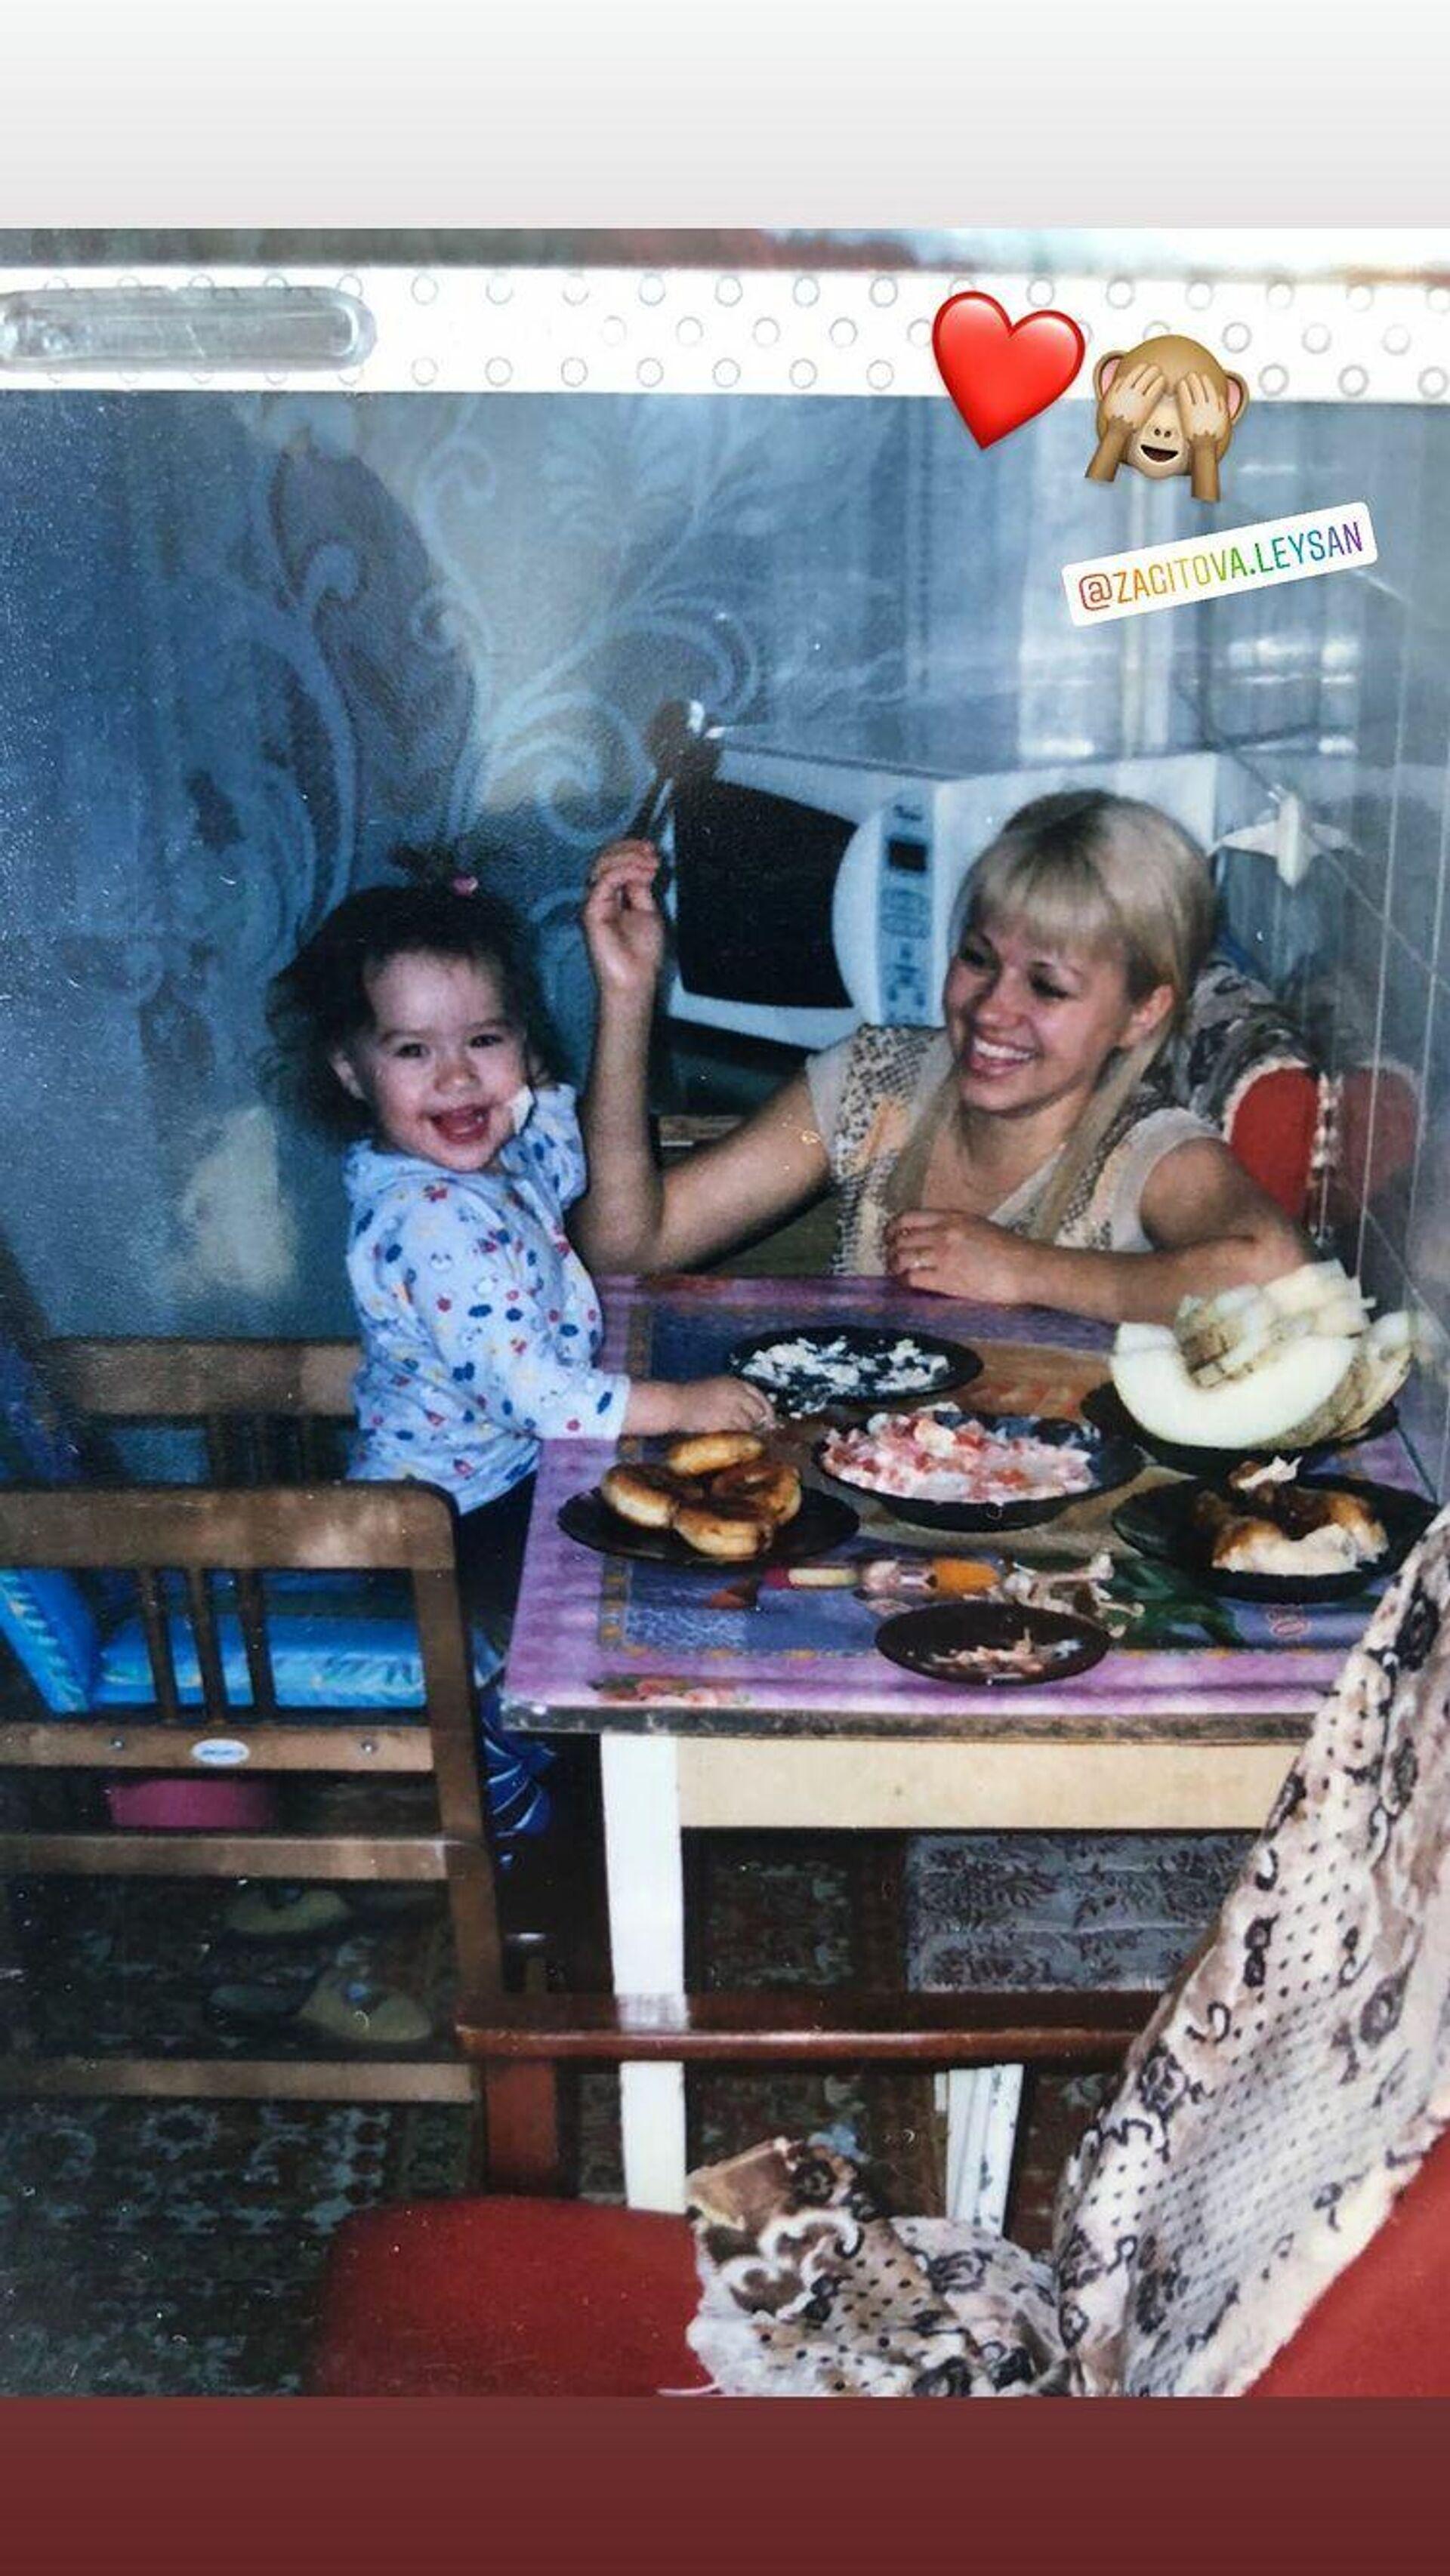 Детская фотография Алины Загитовой с мамой Лейсан - РИА Новости, 1920, 05.05.2021